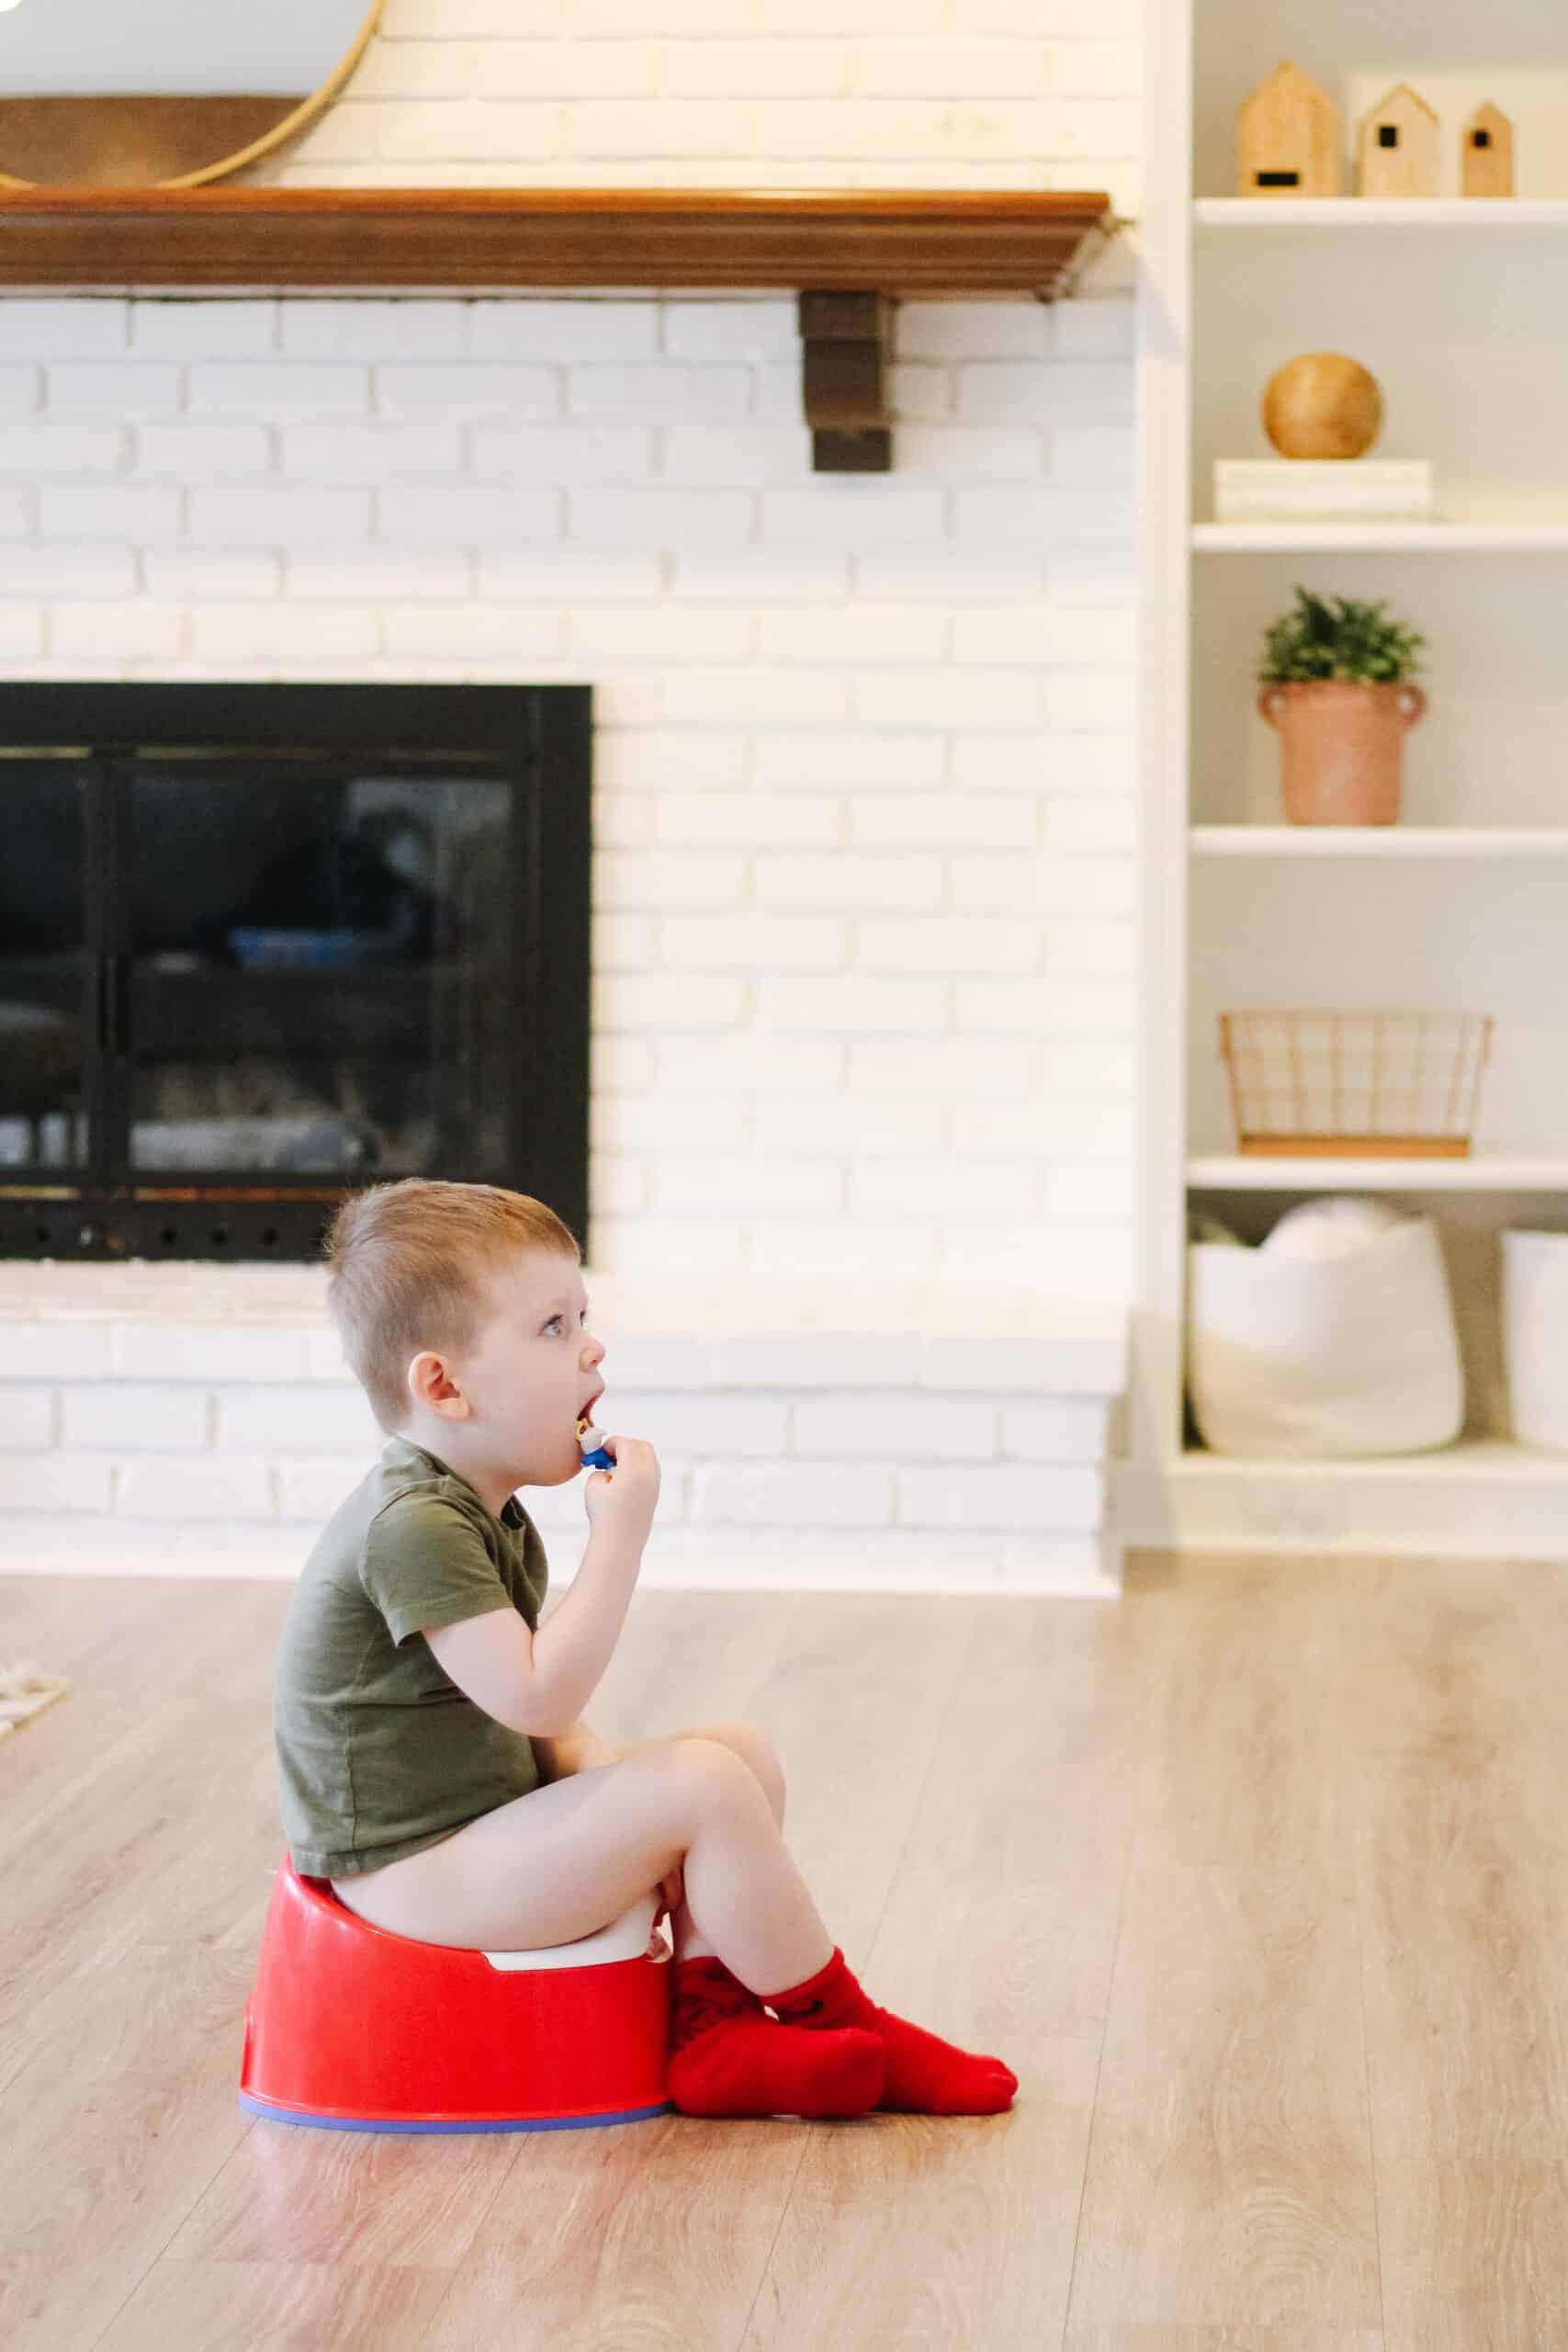 potty training boys - little boy on potty